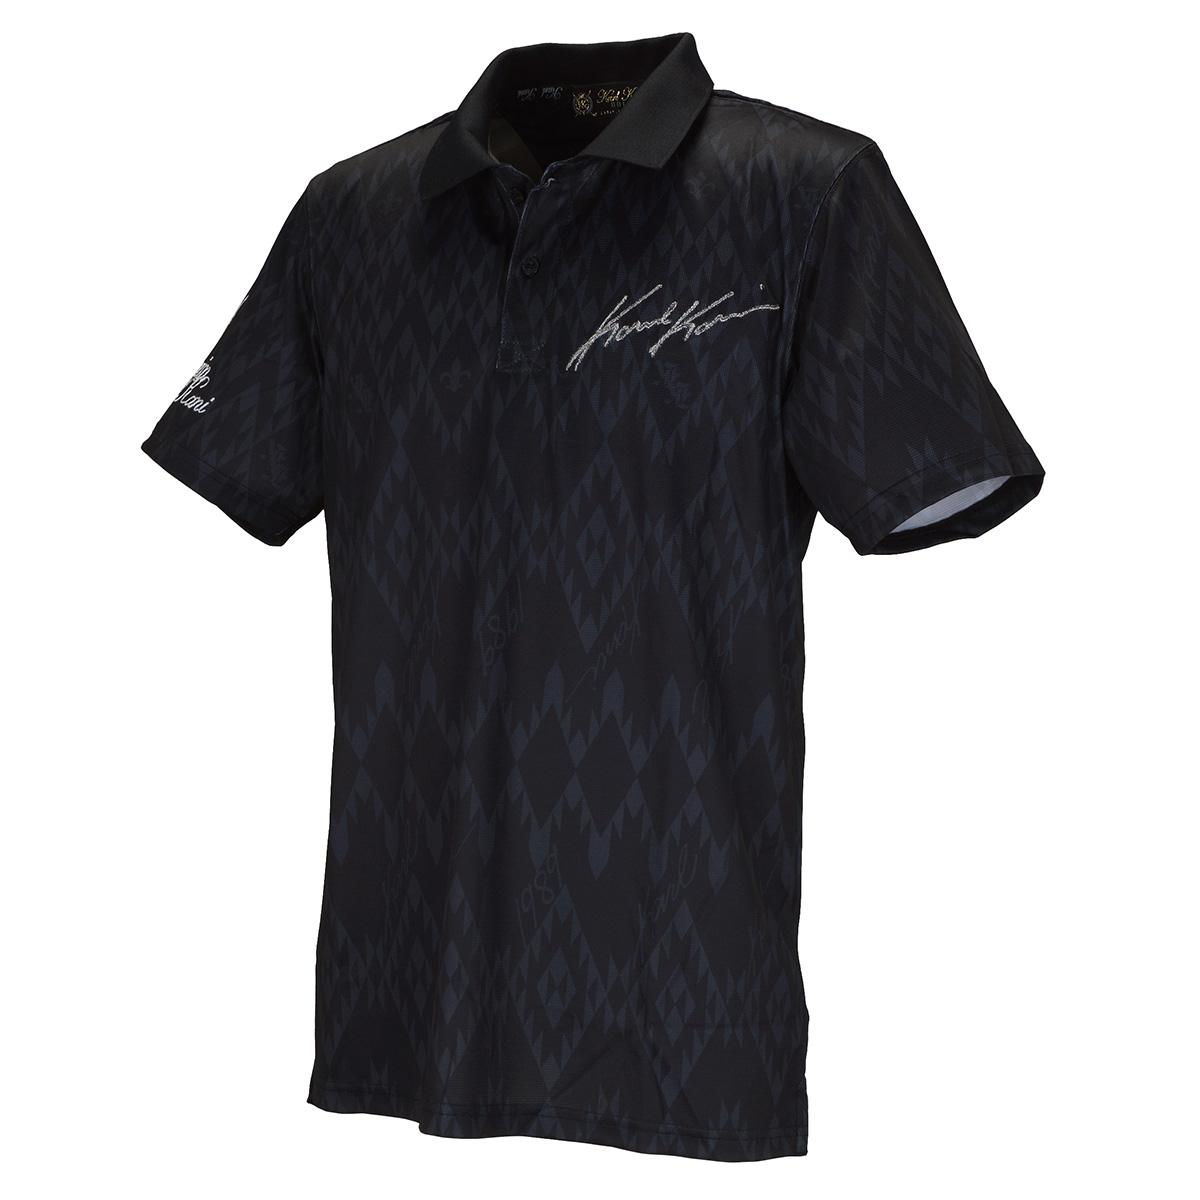 アフリカン オルテガ 総柄 半袖ポロシャツ